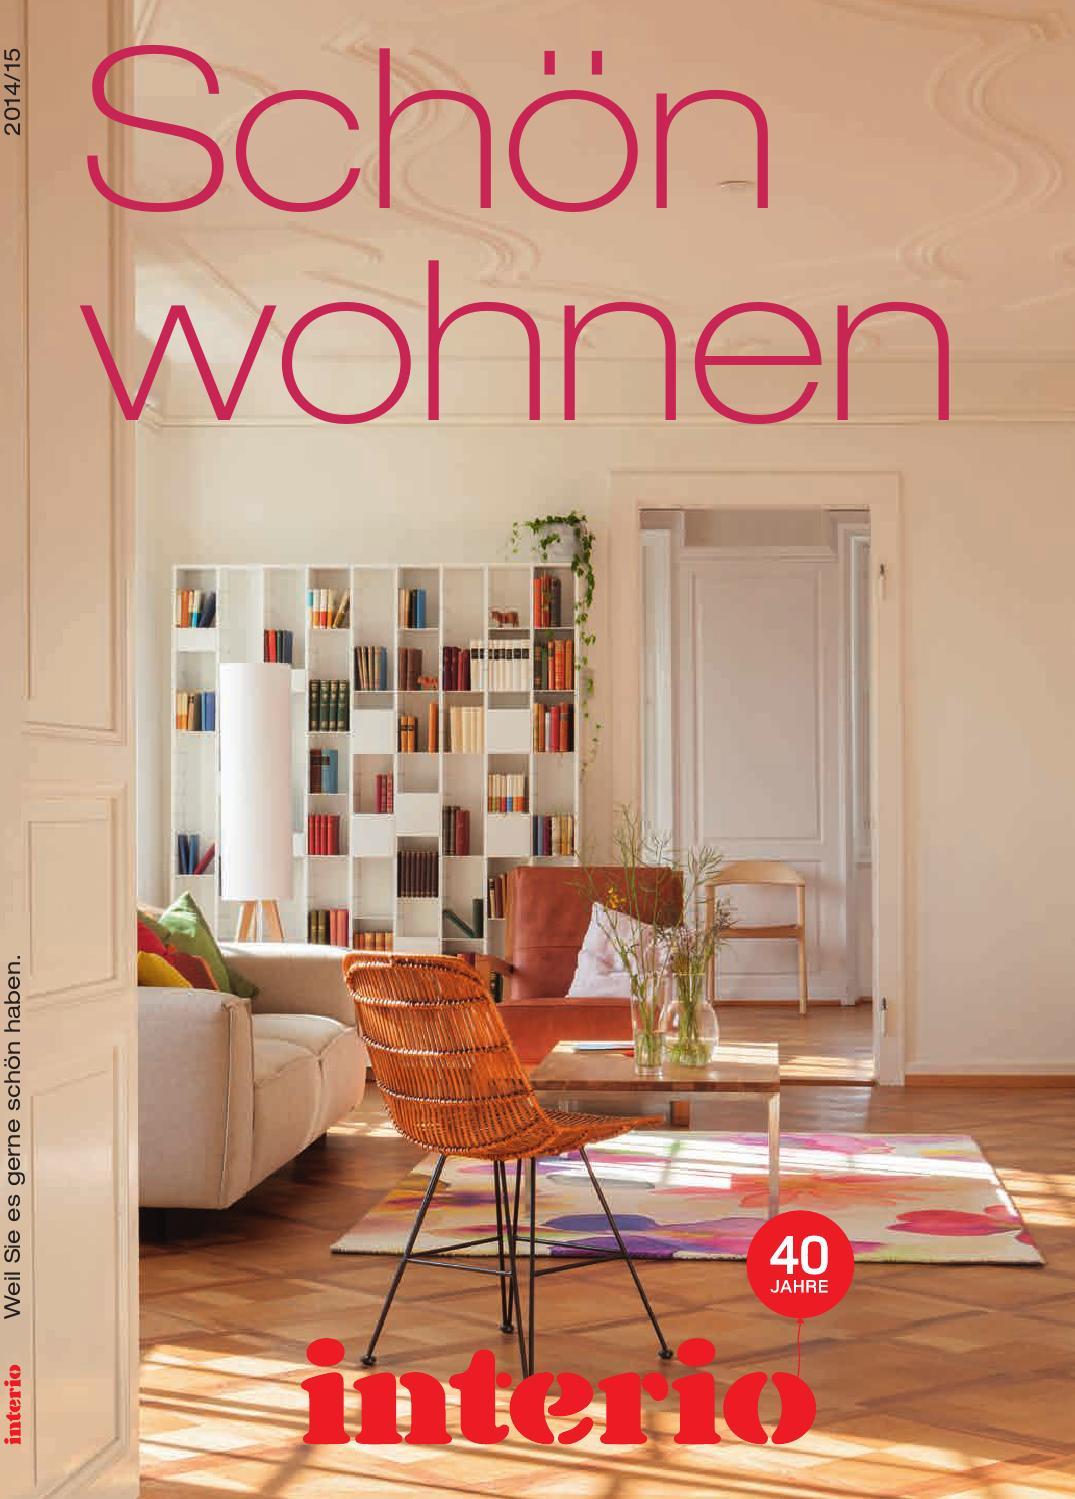 Schön wohnen - Interio Katalog 2014/15 by Interio Interio - issuu